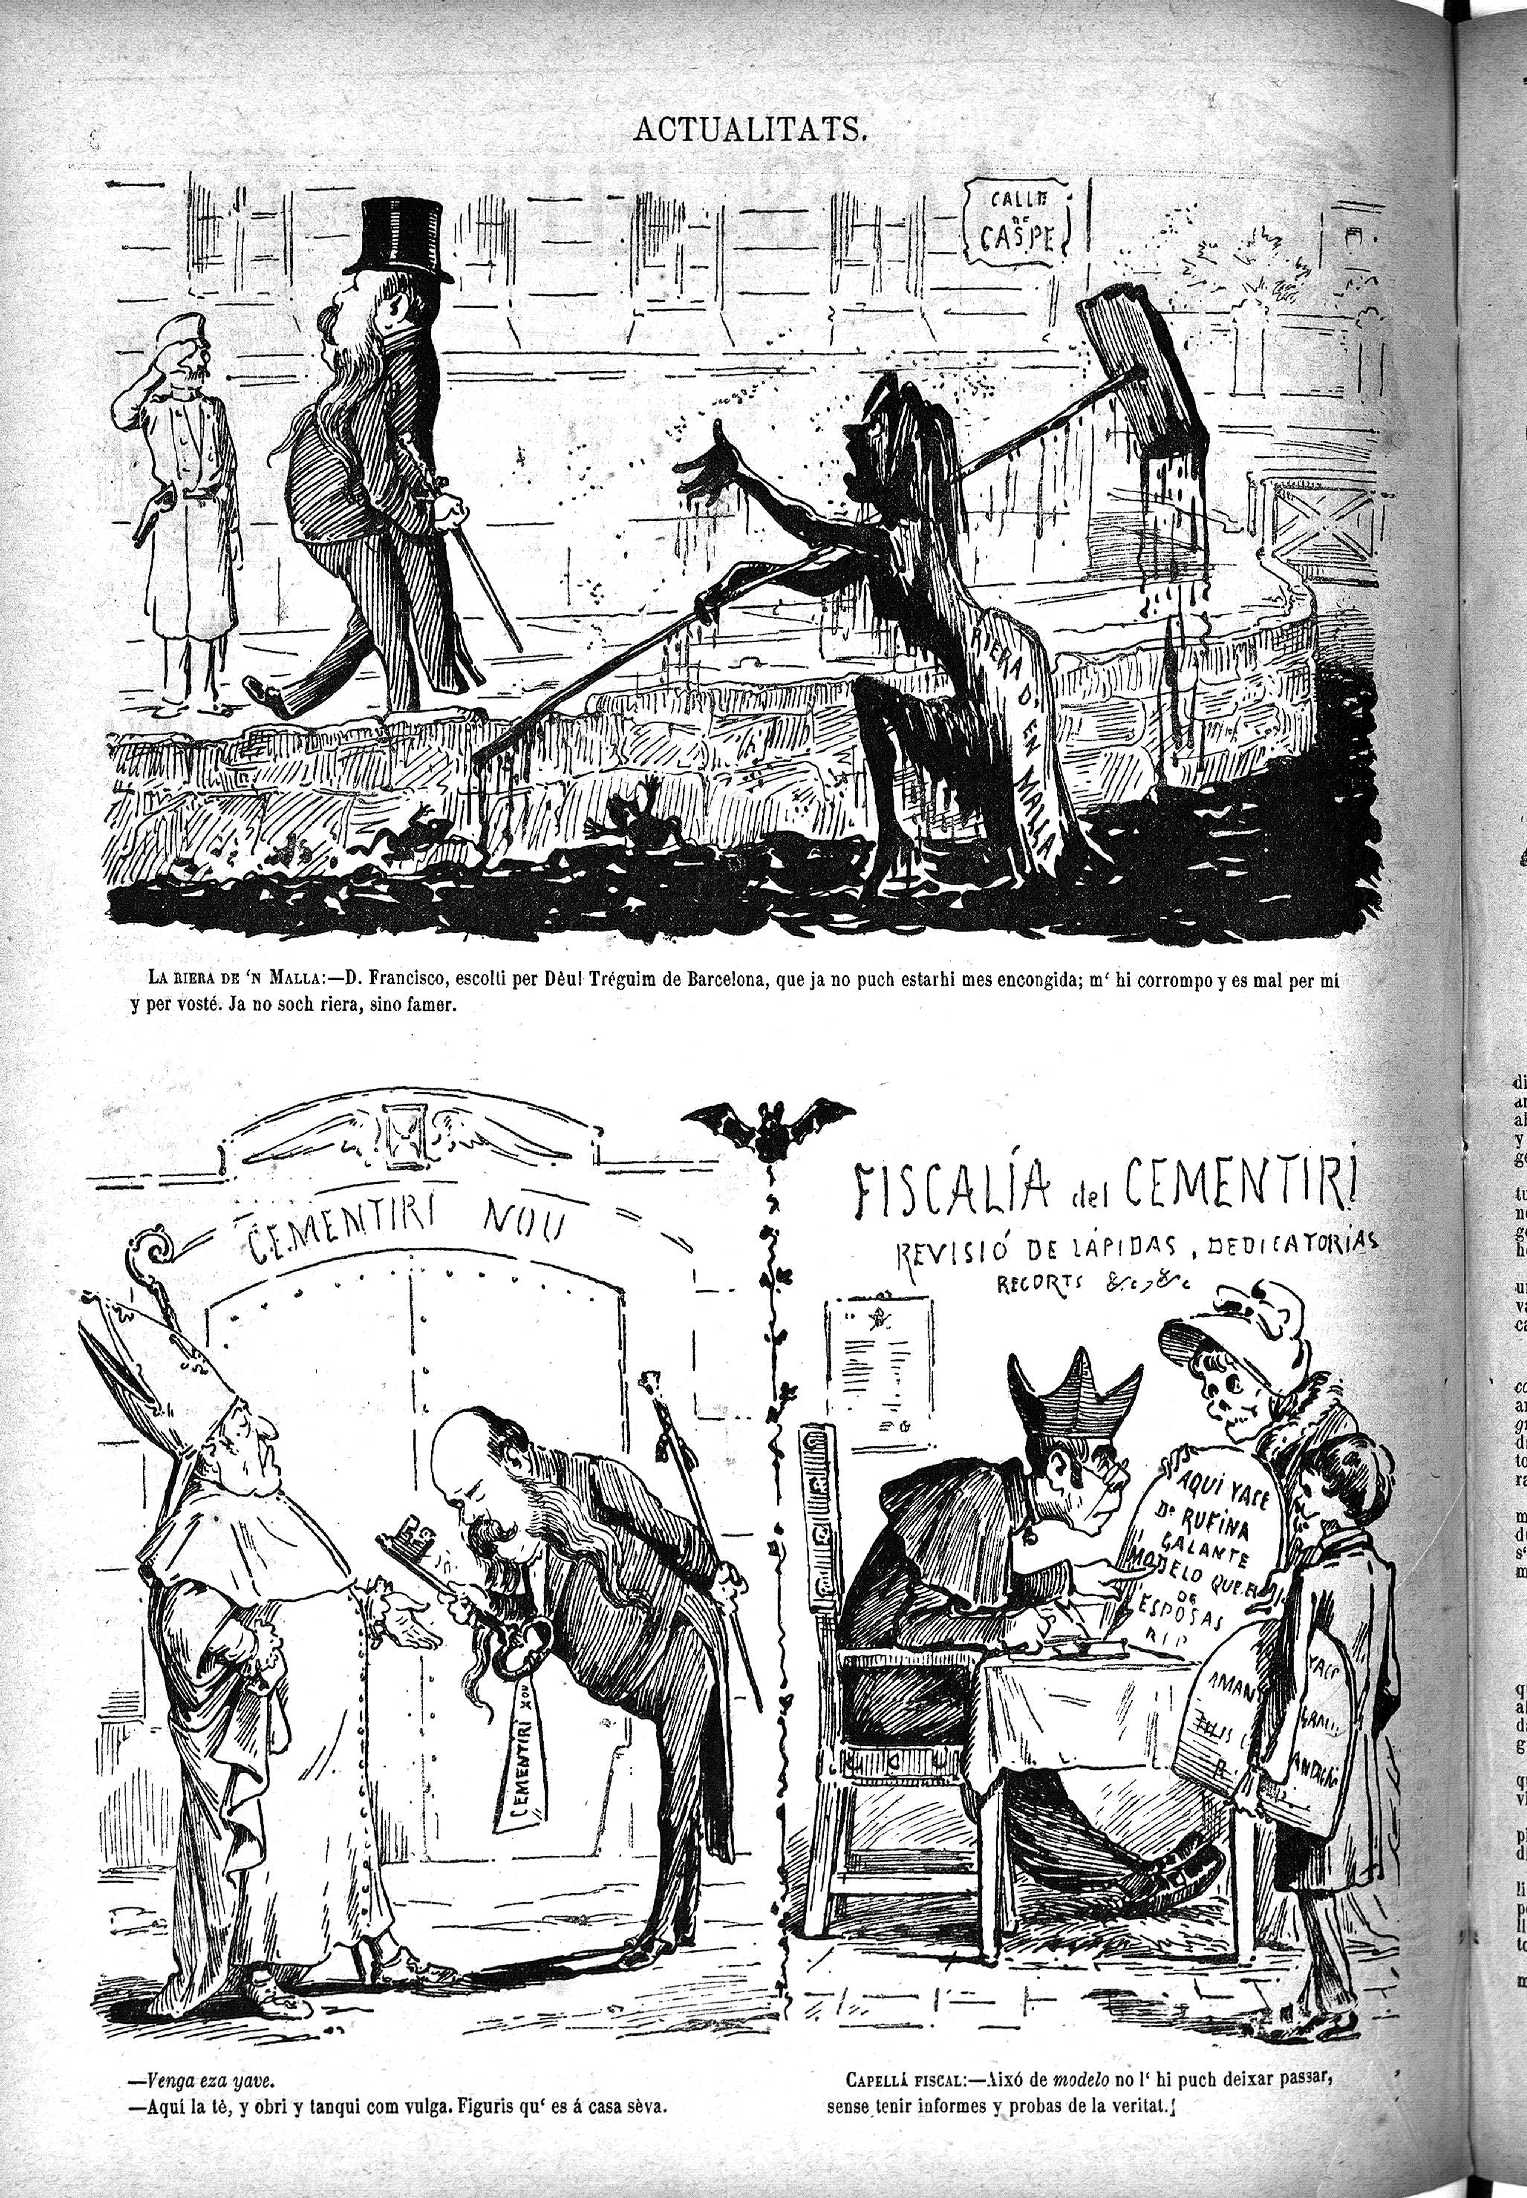 Esquella de la Torratxa, L'. Núm. 214, 24 febrer 1883, pàgina 4. Acudits sobre el paper de les autoritats civils i eclesiàstiques respecte el nou cementiri.